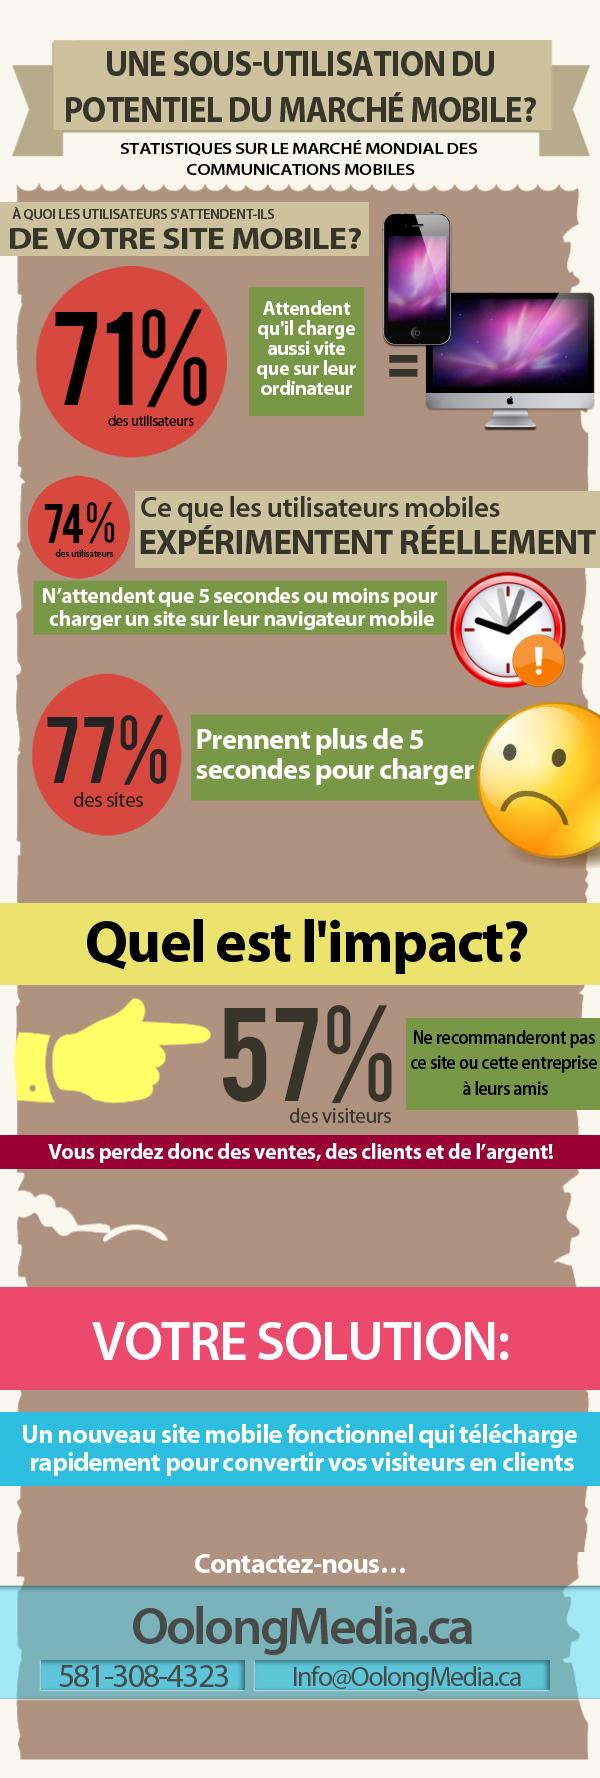 Infographie sur le web mobile au québec